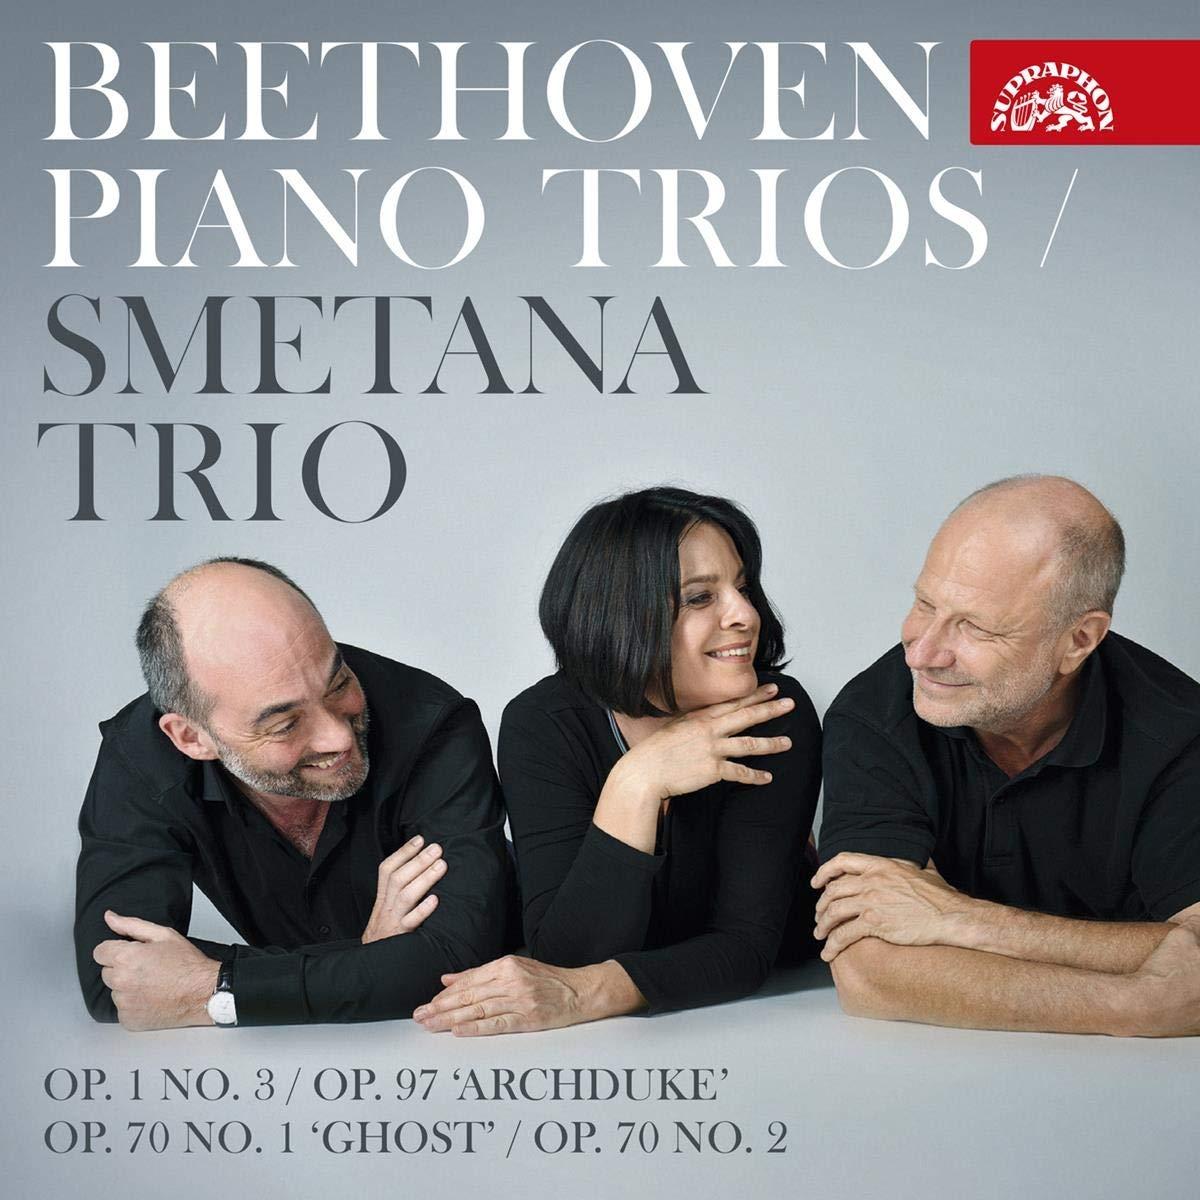 25 - Smetana Trio - Beethoven: Piano Trios